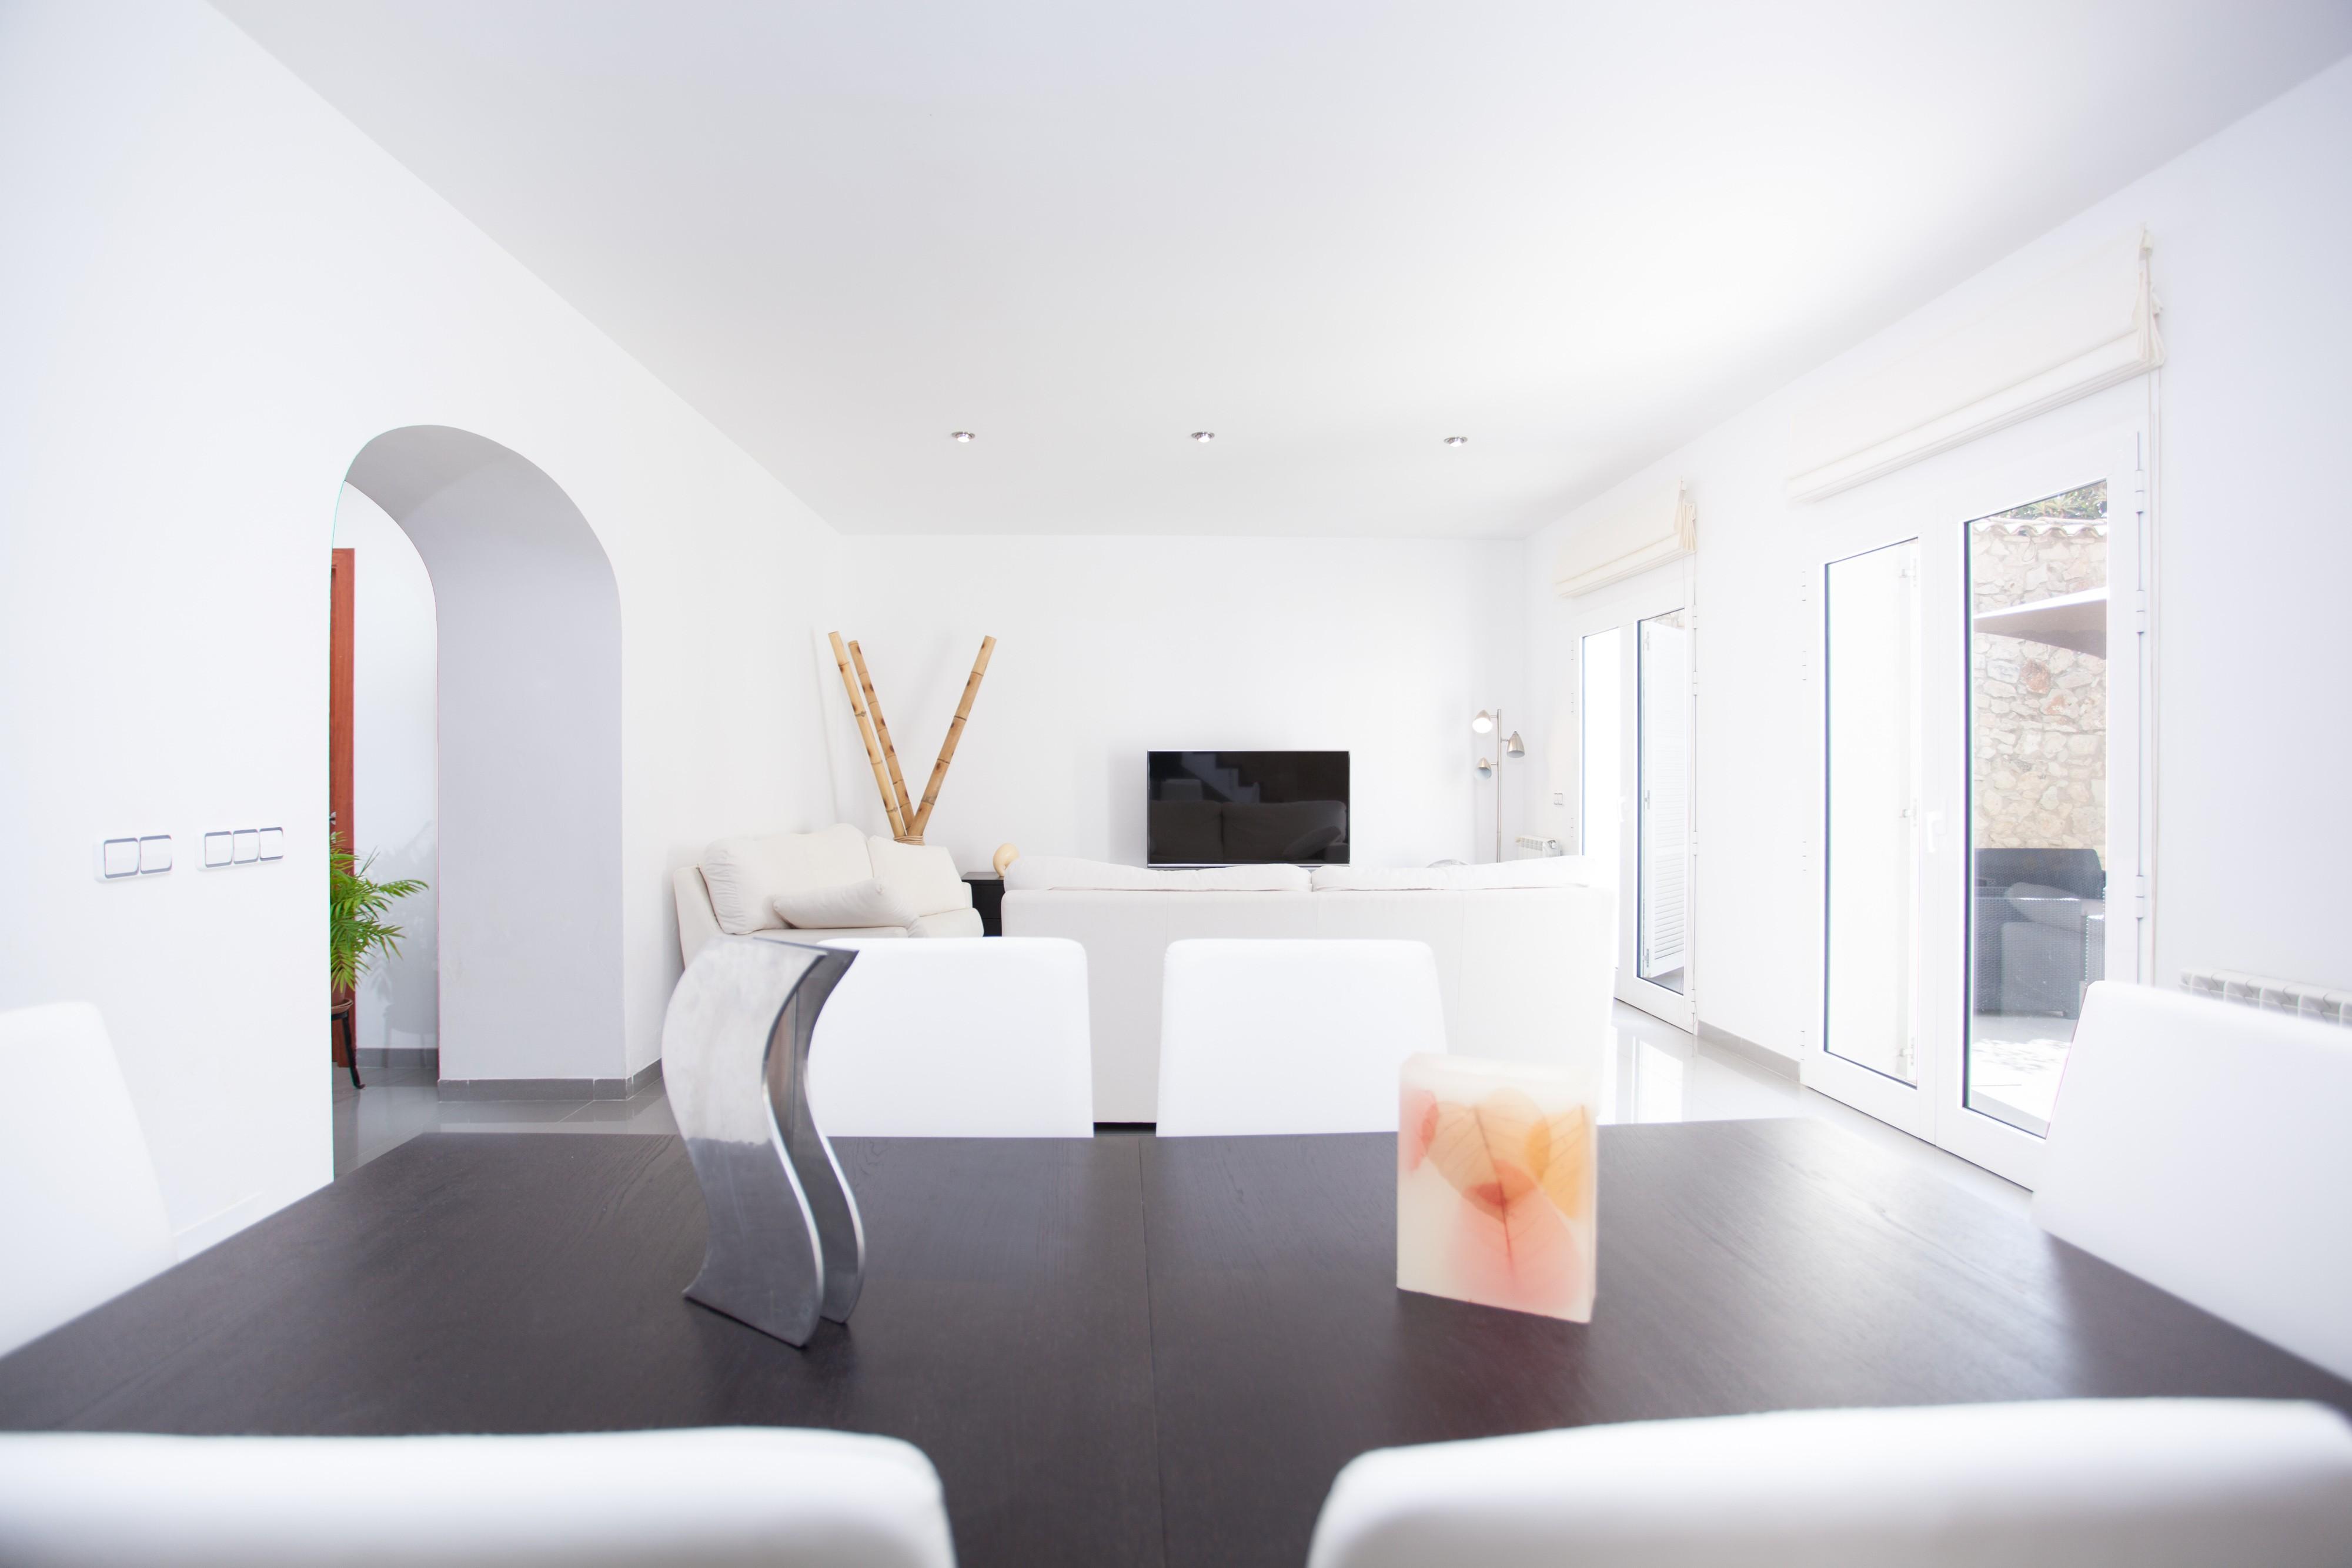 Maison de vacances CAN DOMINGO (2246405), Lloret de Vistalegre, Majorque, Iles Baléares, Espagne, image 3